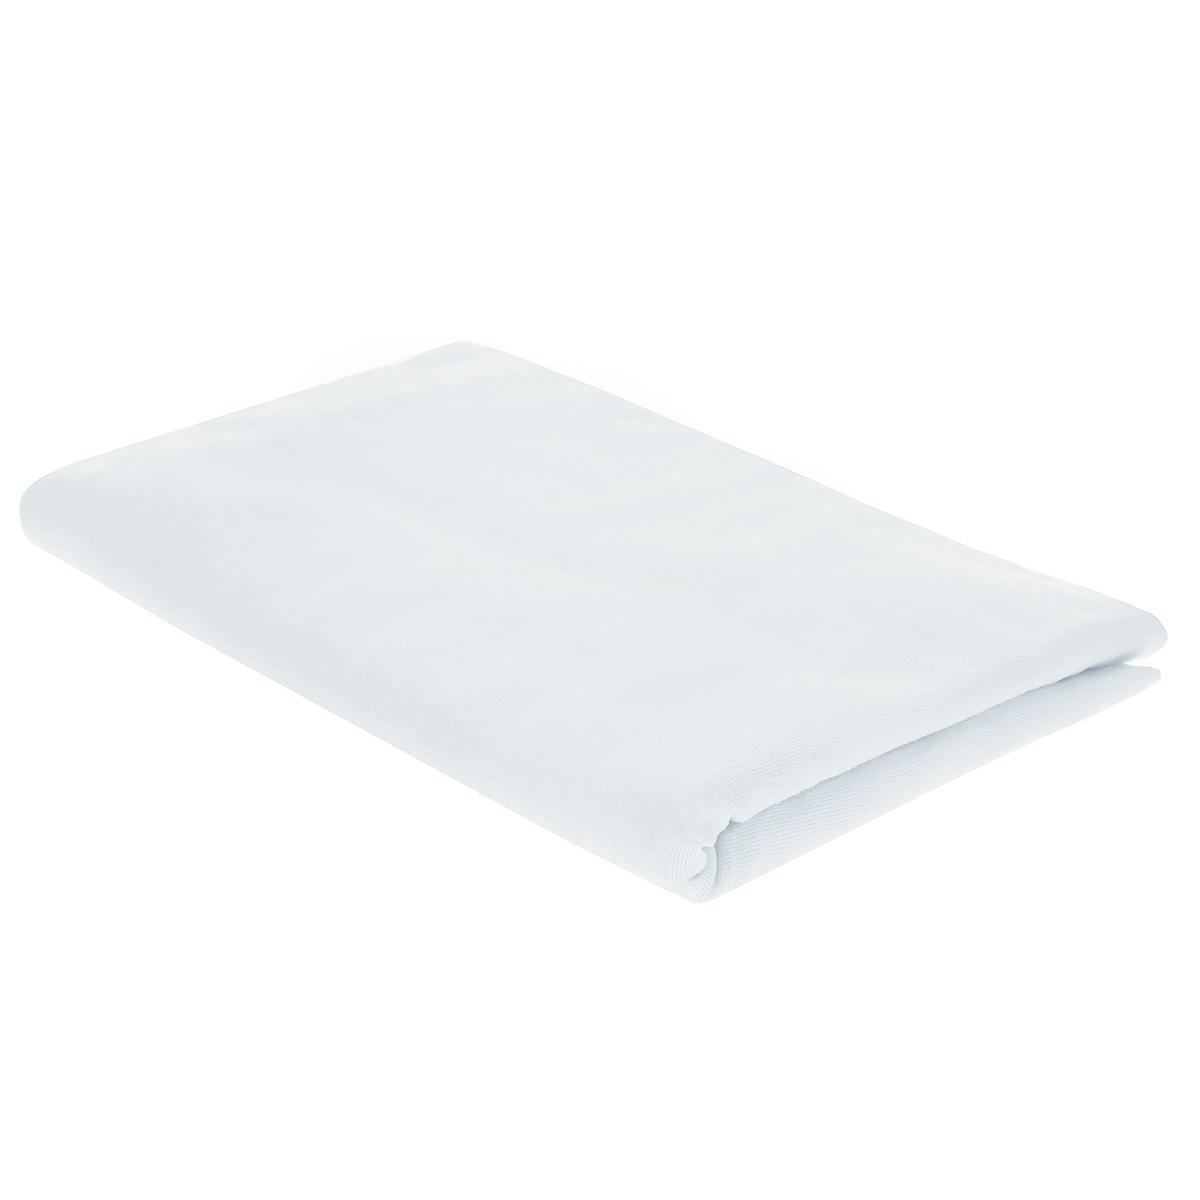 Пеленка трикотажная Трон-Плюс, цвет: белый, 120 см х 90 см5401 бДетская пеленка Трон-Плюс подходит для пеленания ребенка с самого рождения. Она невероятно мягкая и нежная на ощупь. Пеленка выполнена из кулирки - тонкого трикотажного материала из хлопка гладкого покроя. Такая ткань прекрасно дышит, она гипоаллергенна, почти не мнется и не теряет формы после стирки. Мягкая ткань укутывает малыша с необычайной нежностью. Пеленку также можно использовать как легкое одеяло в жаркую погоду, простынку, полотенце после купания, накидку для кормления грудью или солнцезащитный козырек. Ее размер подходит для пеленания даже крупного малыша. Характеристики: Размер пеленки: 120 см x 90 см.